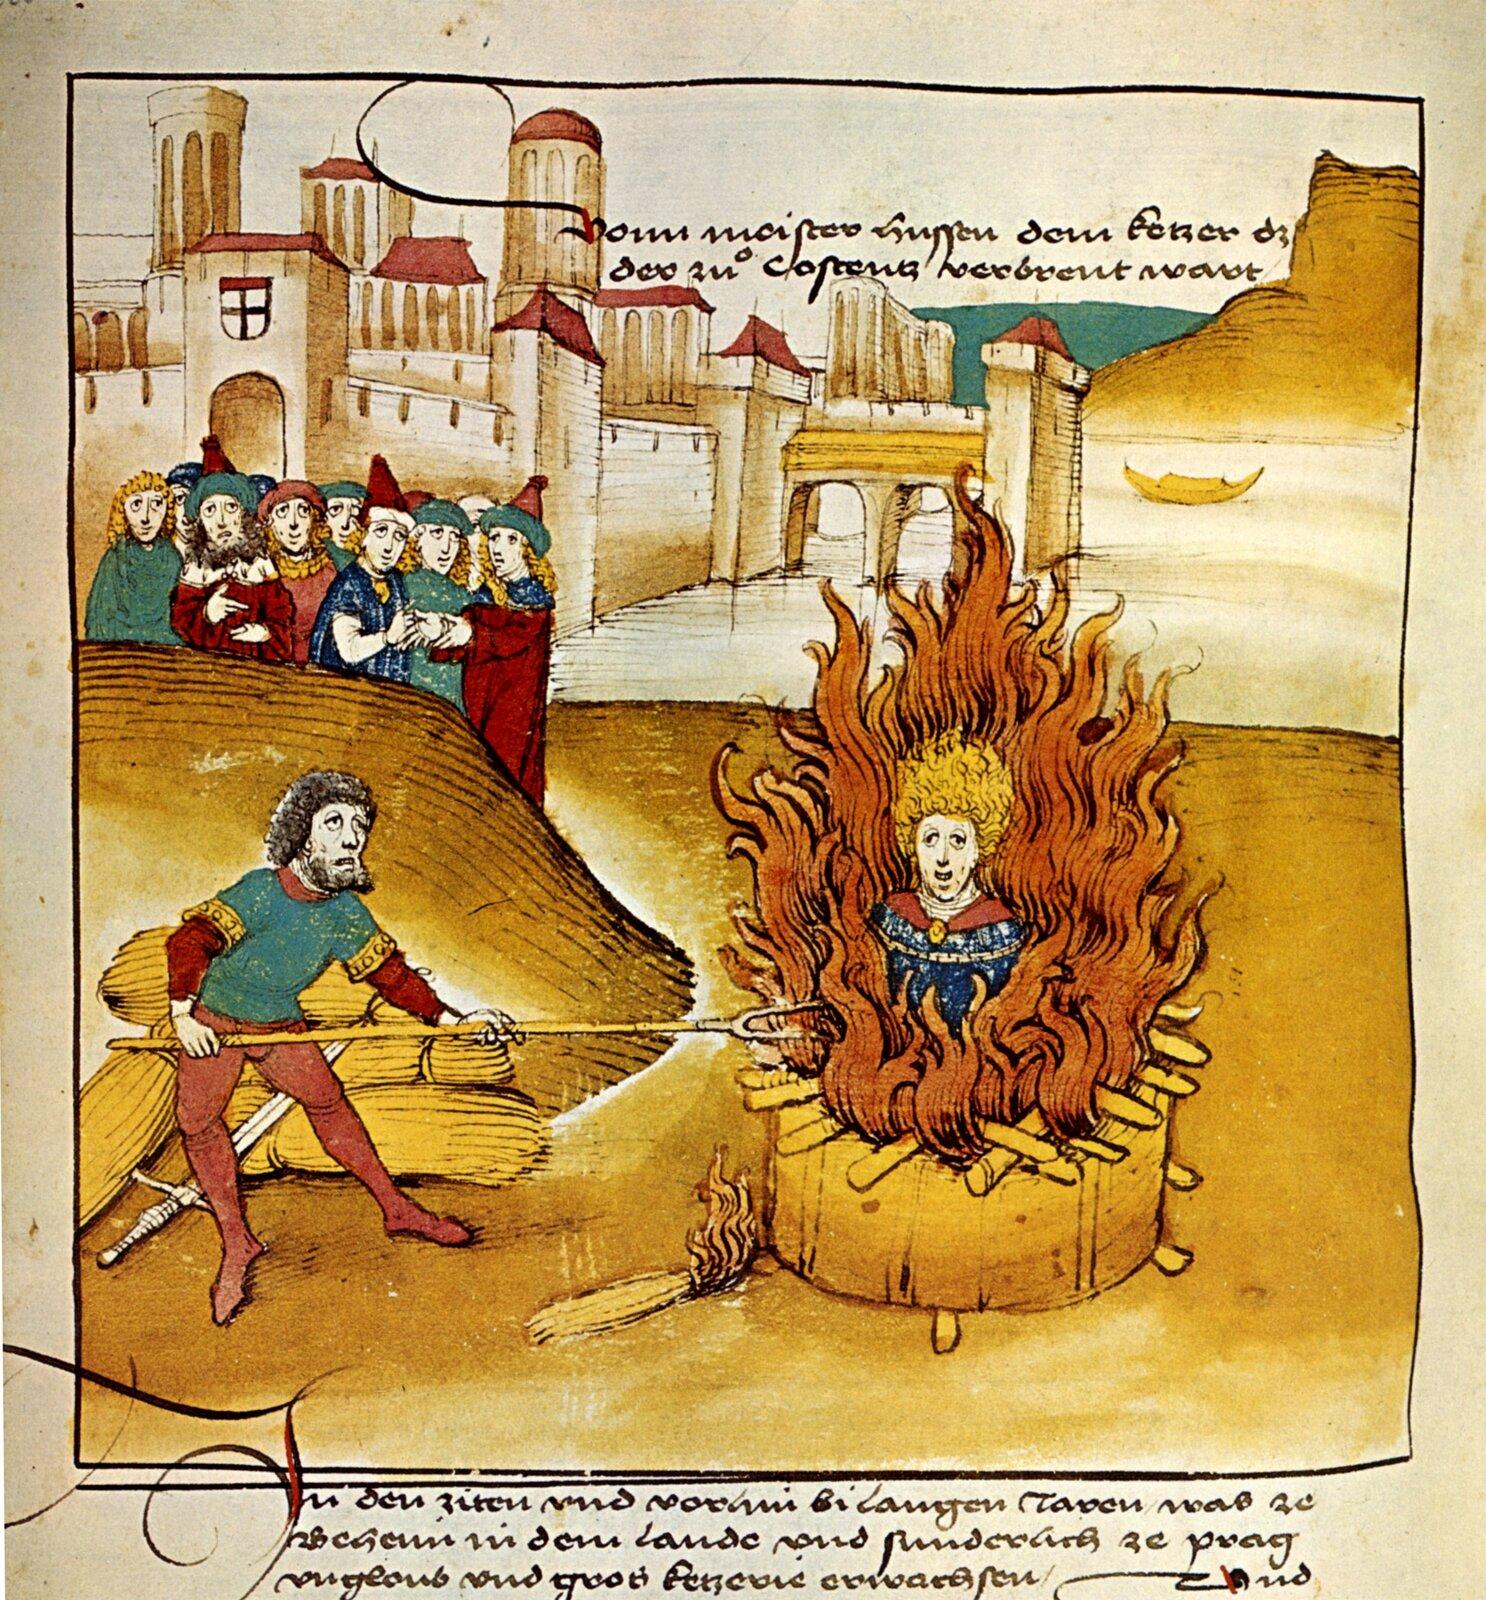 Spalenie Husa Źródło: Spiezer Chronik, Diebold Schilling starszy, Spalenie Husa, 1485, domena publiczna.